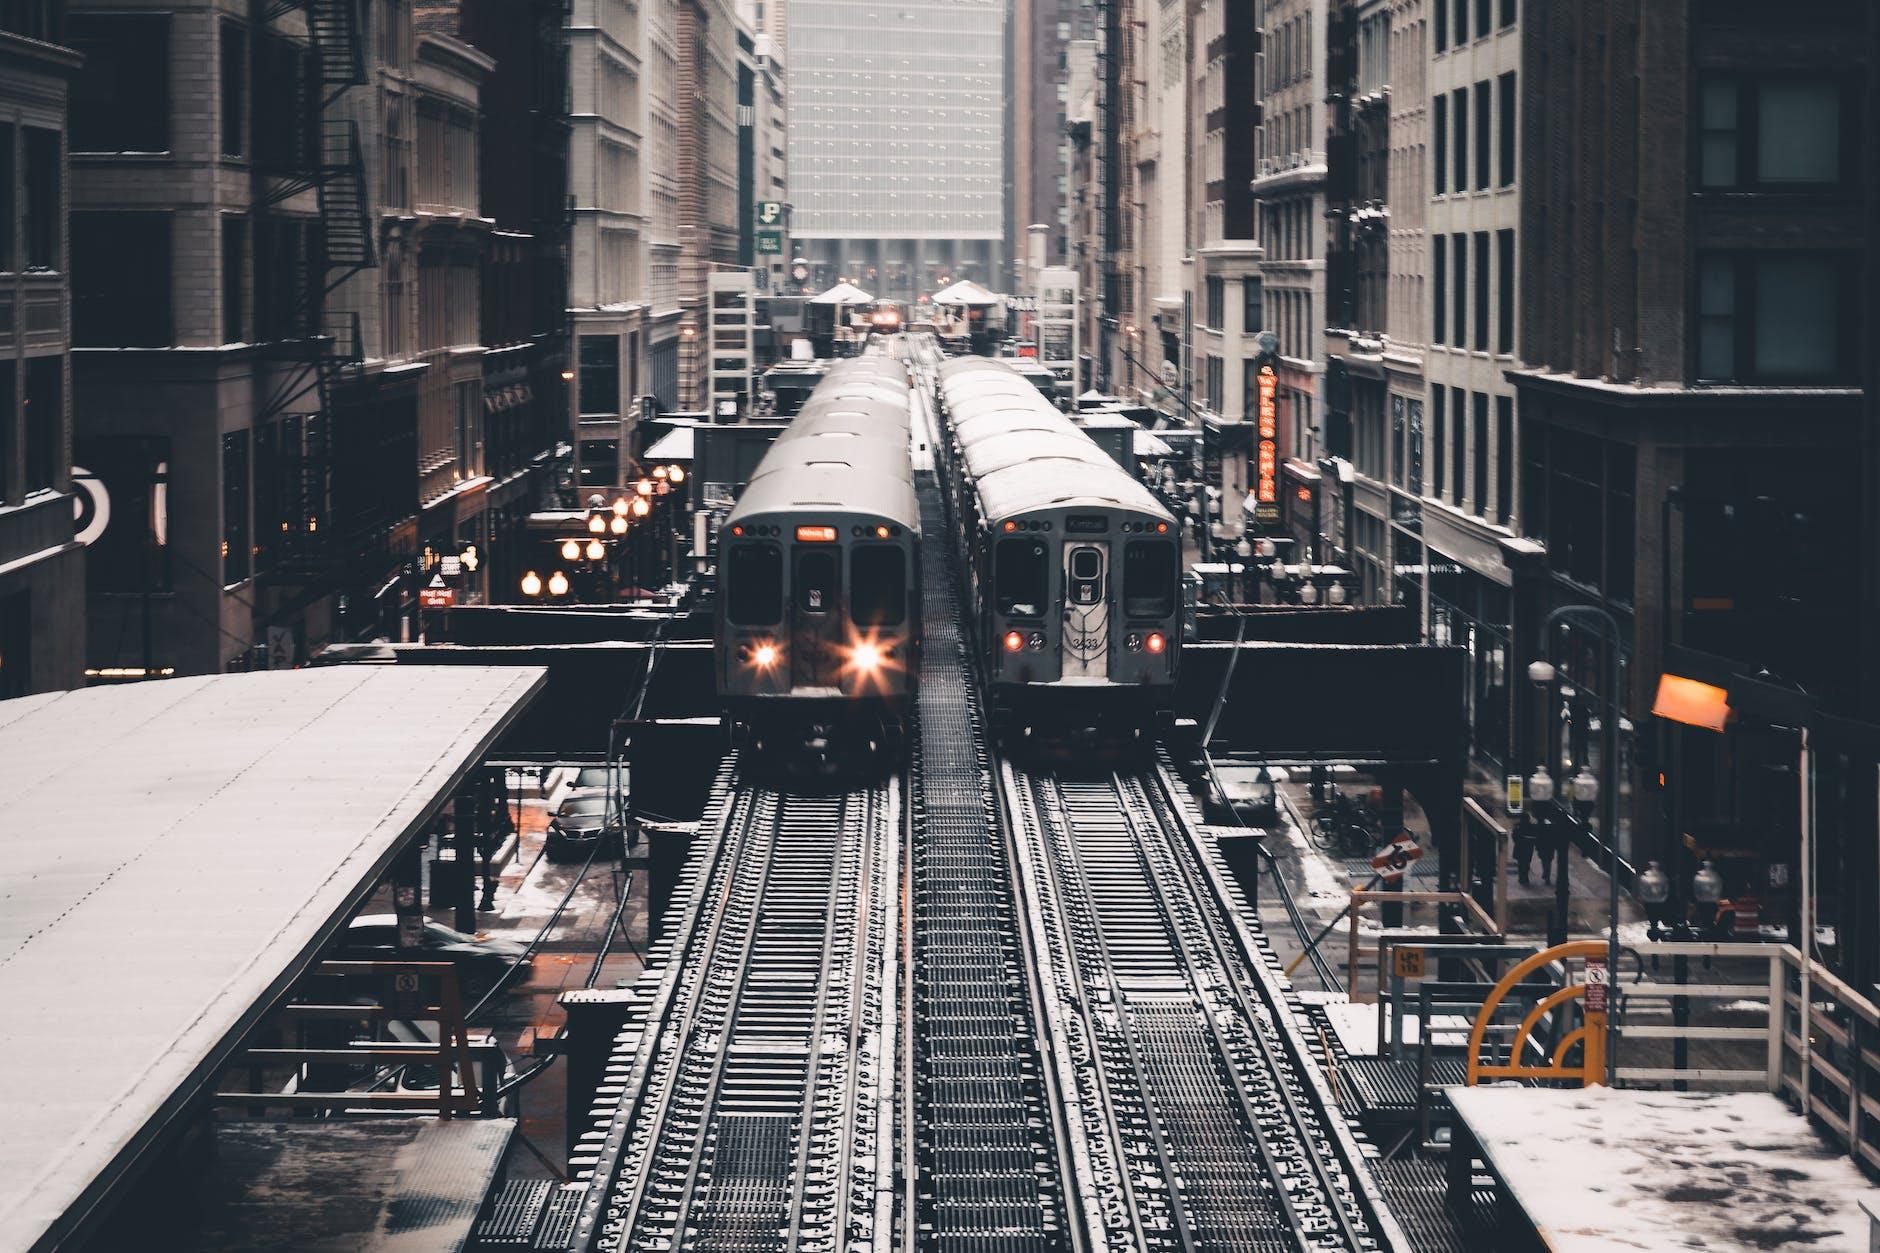 Comment se passe la maintenance des trains ?